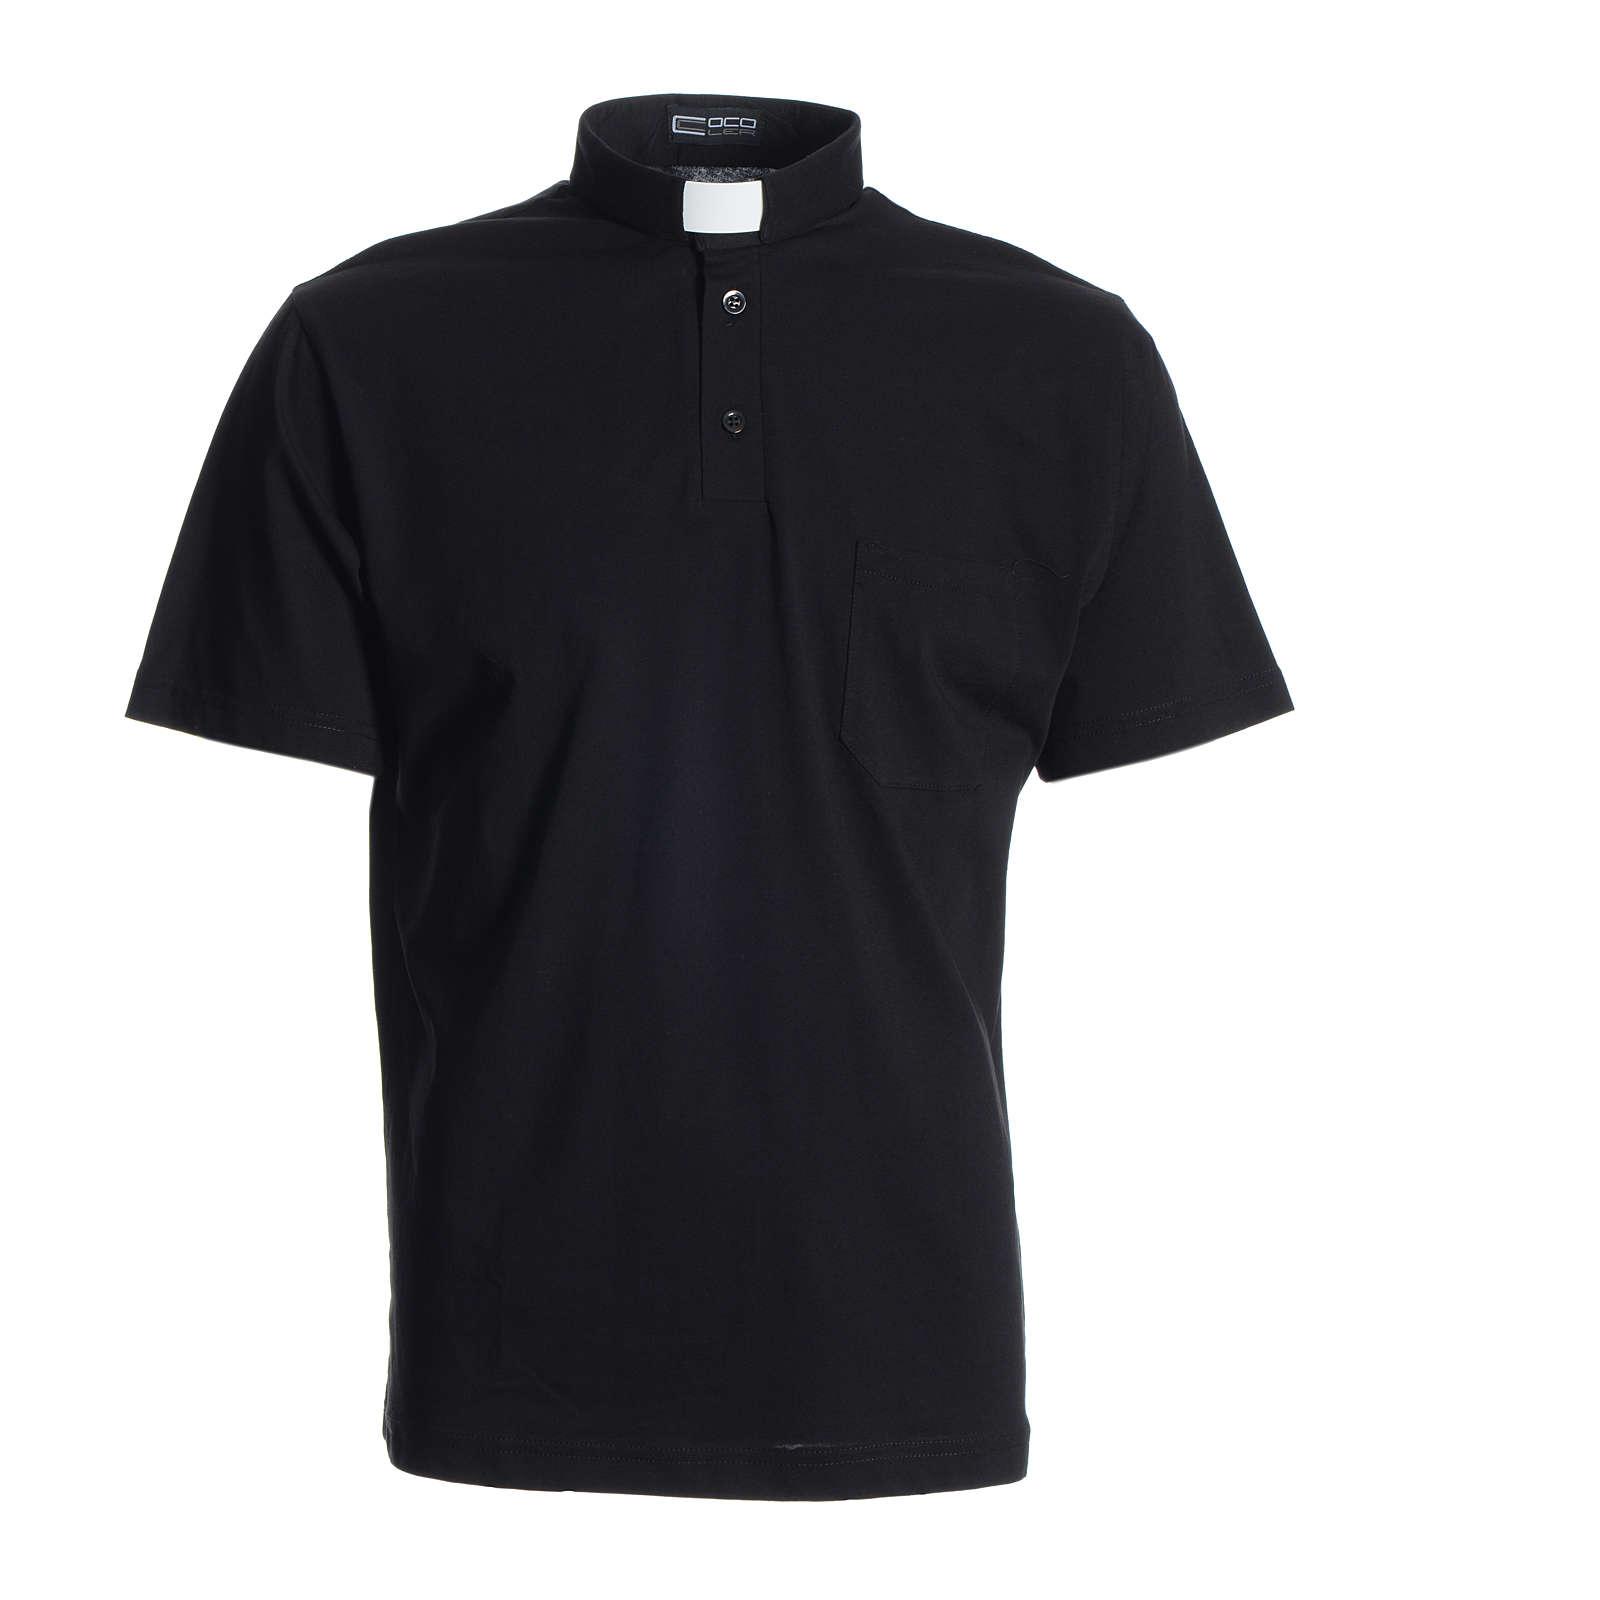 Polo maglia clergy nero 100% cotone 4